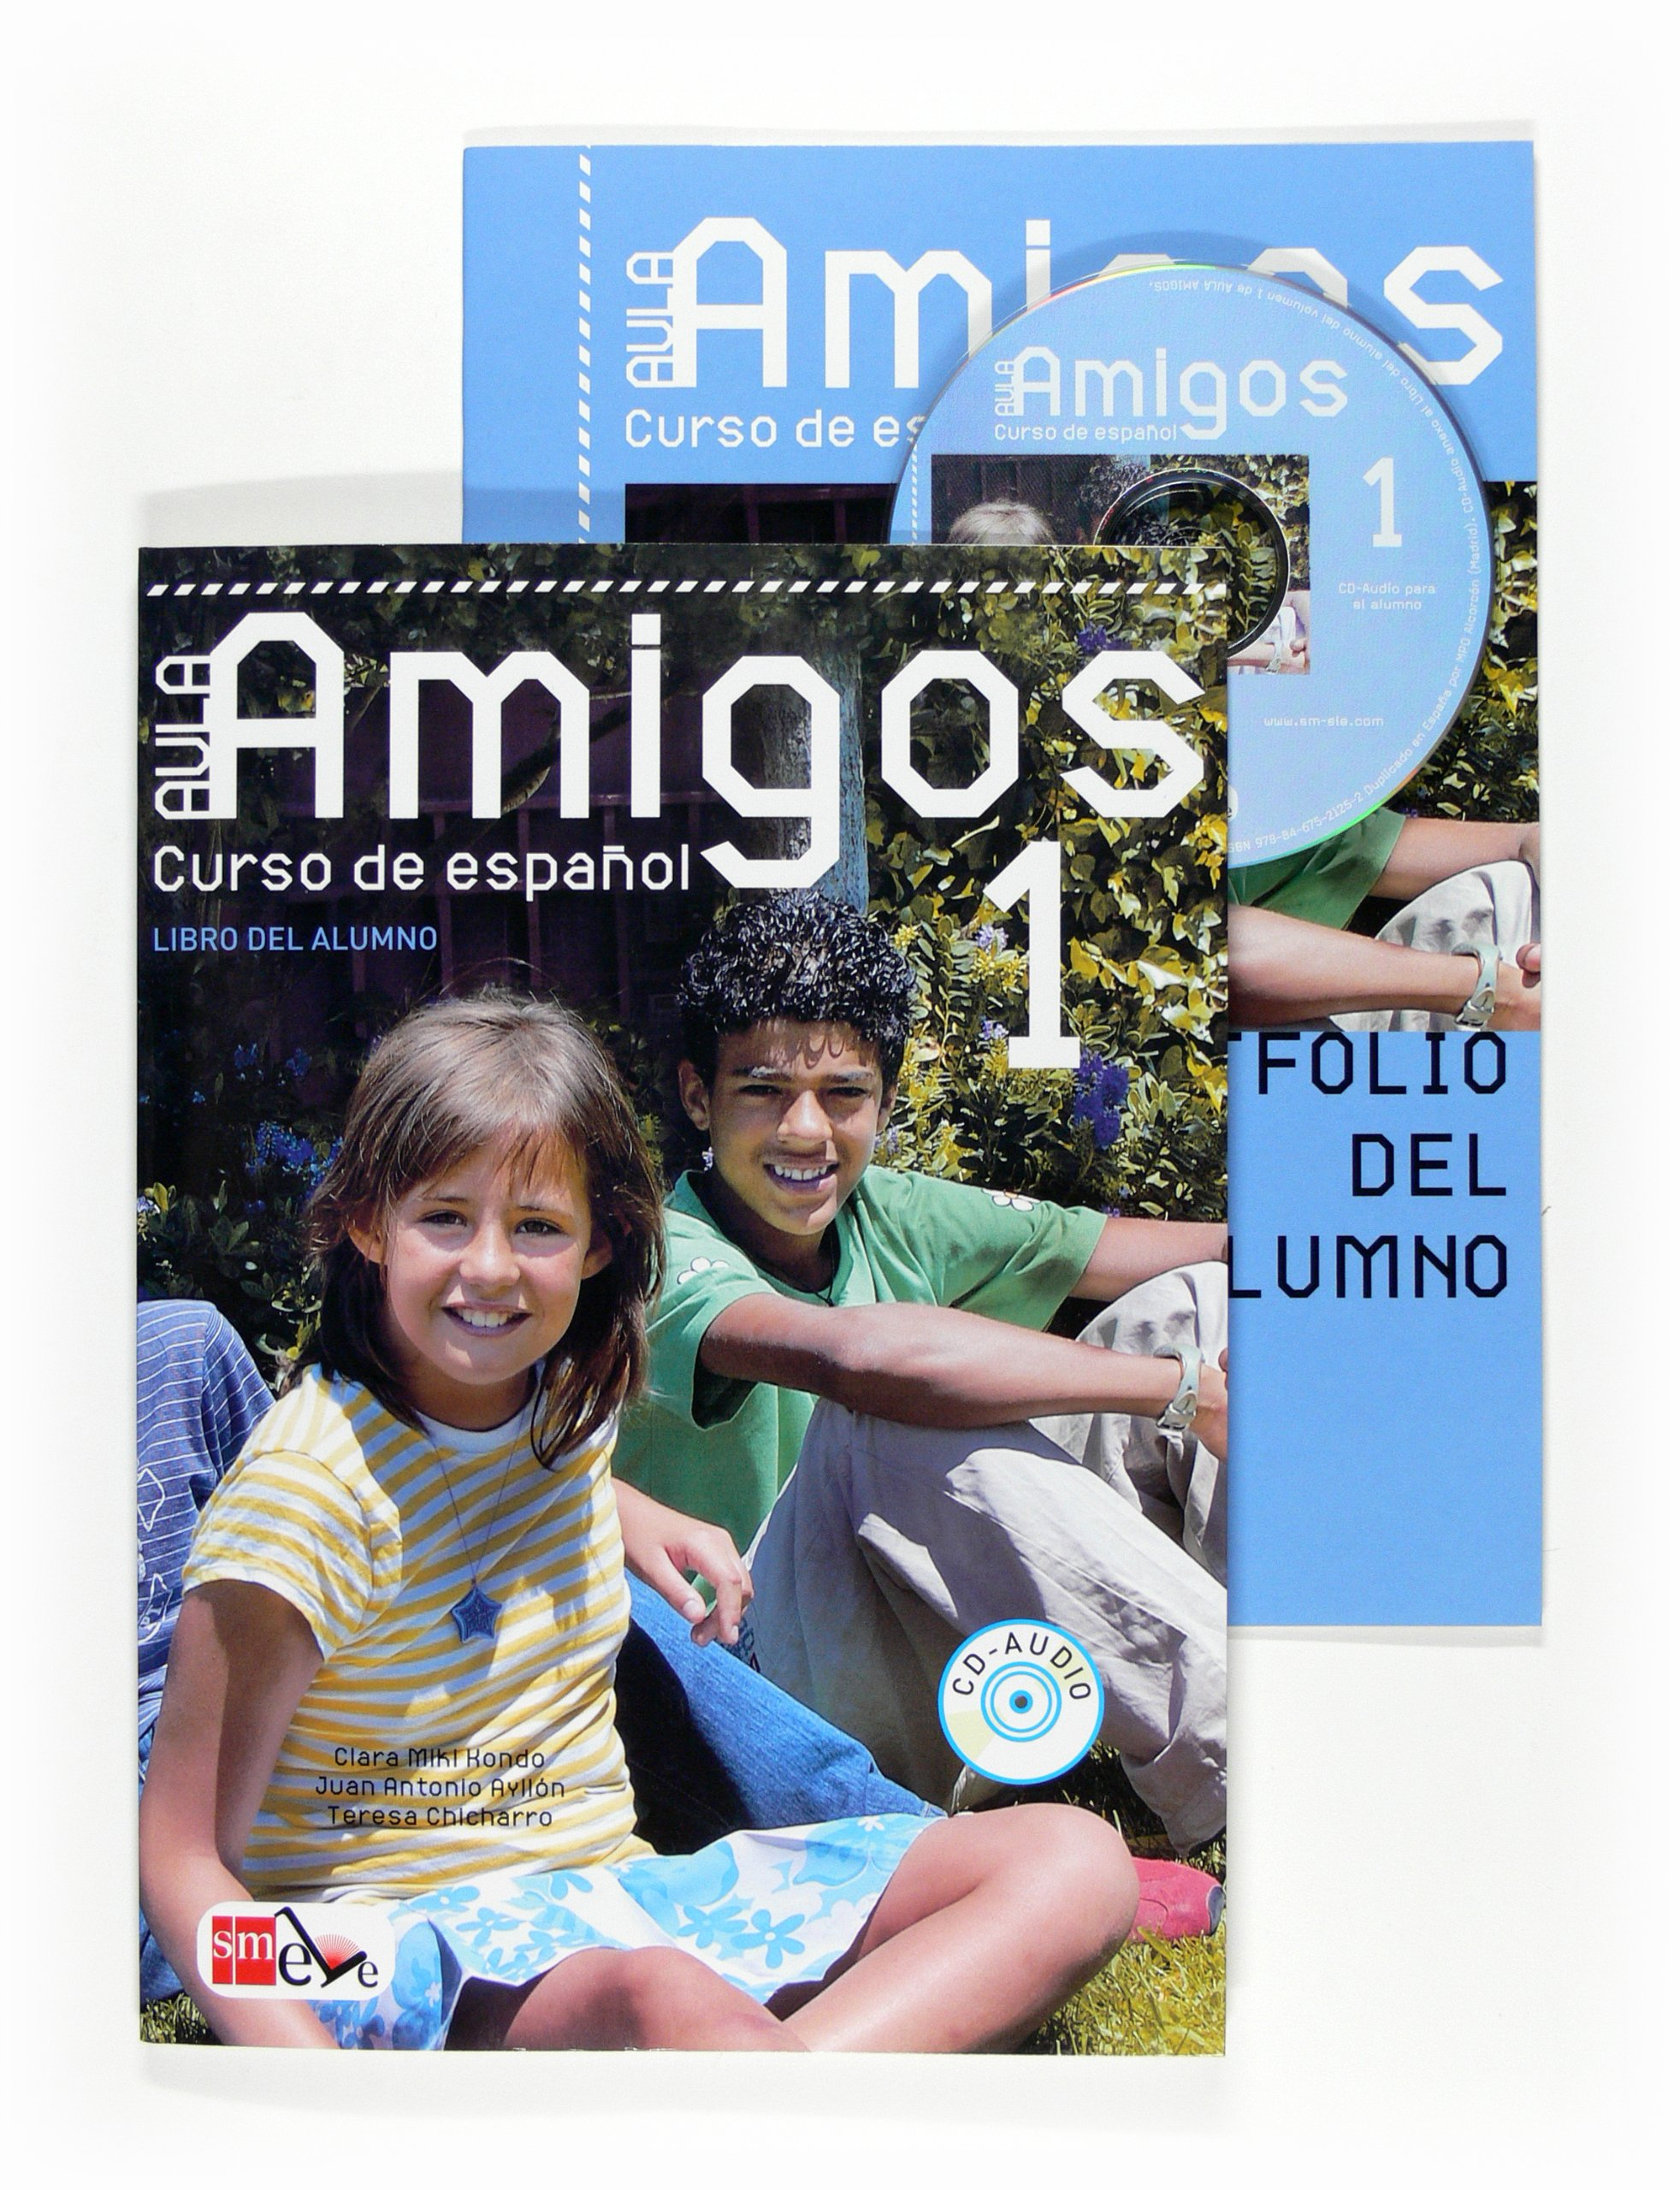 Aula Amigos Internacional: Pack del alumno: libro + portfolio (+ CD) цена 2017